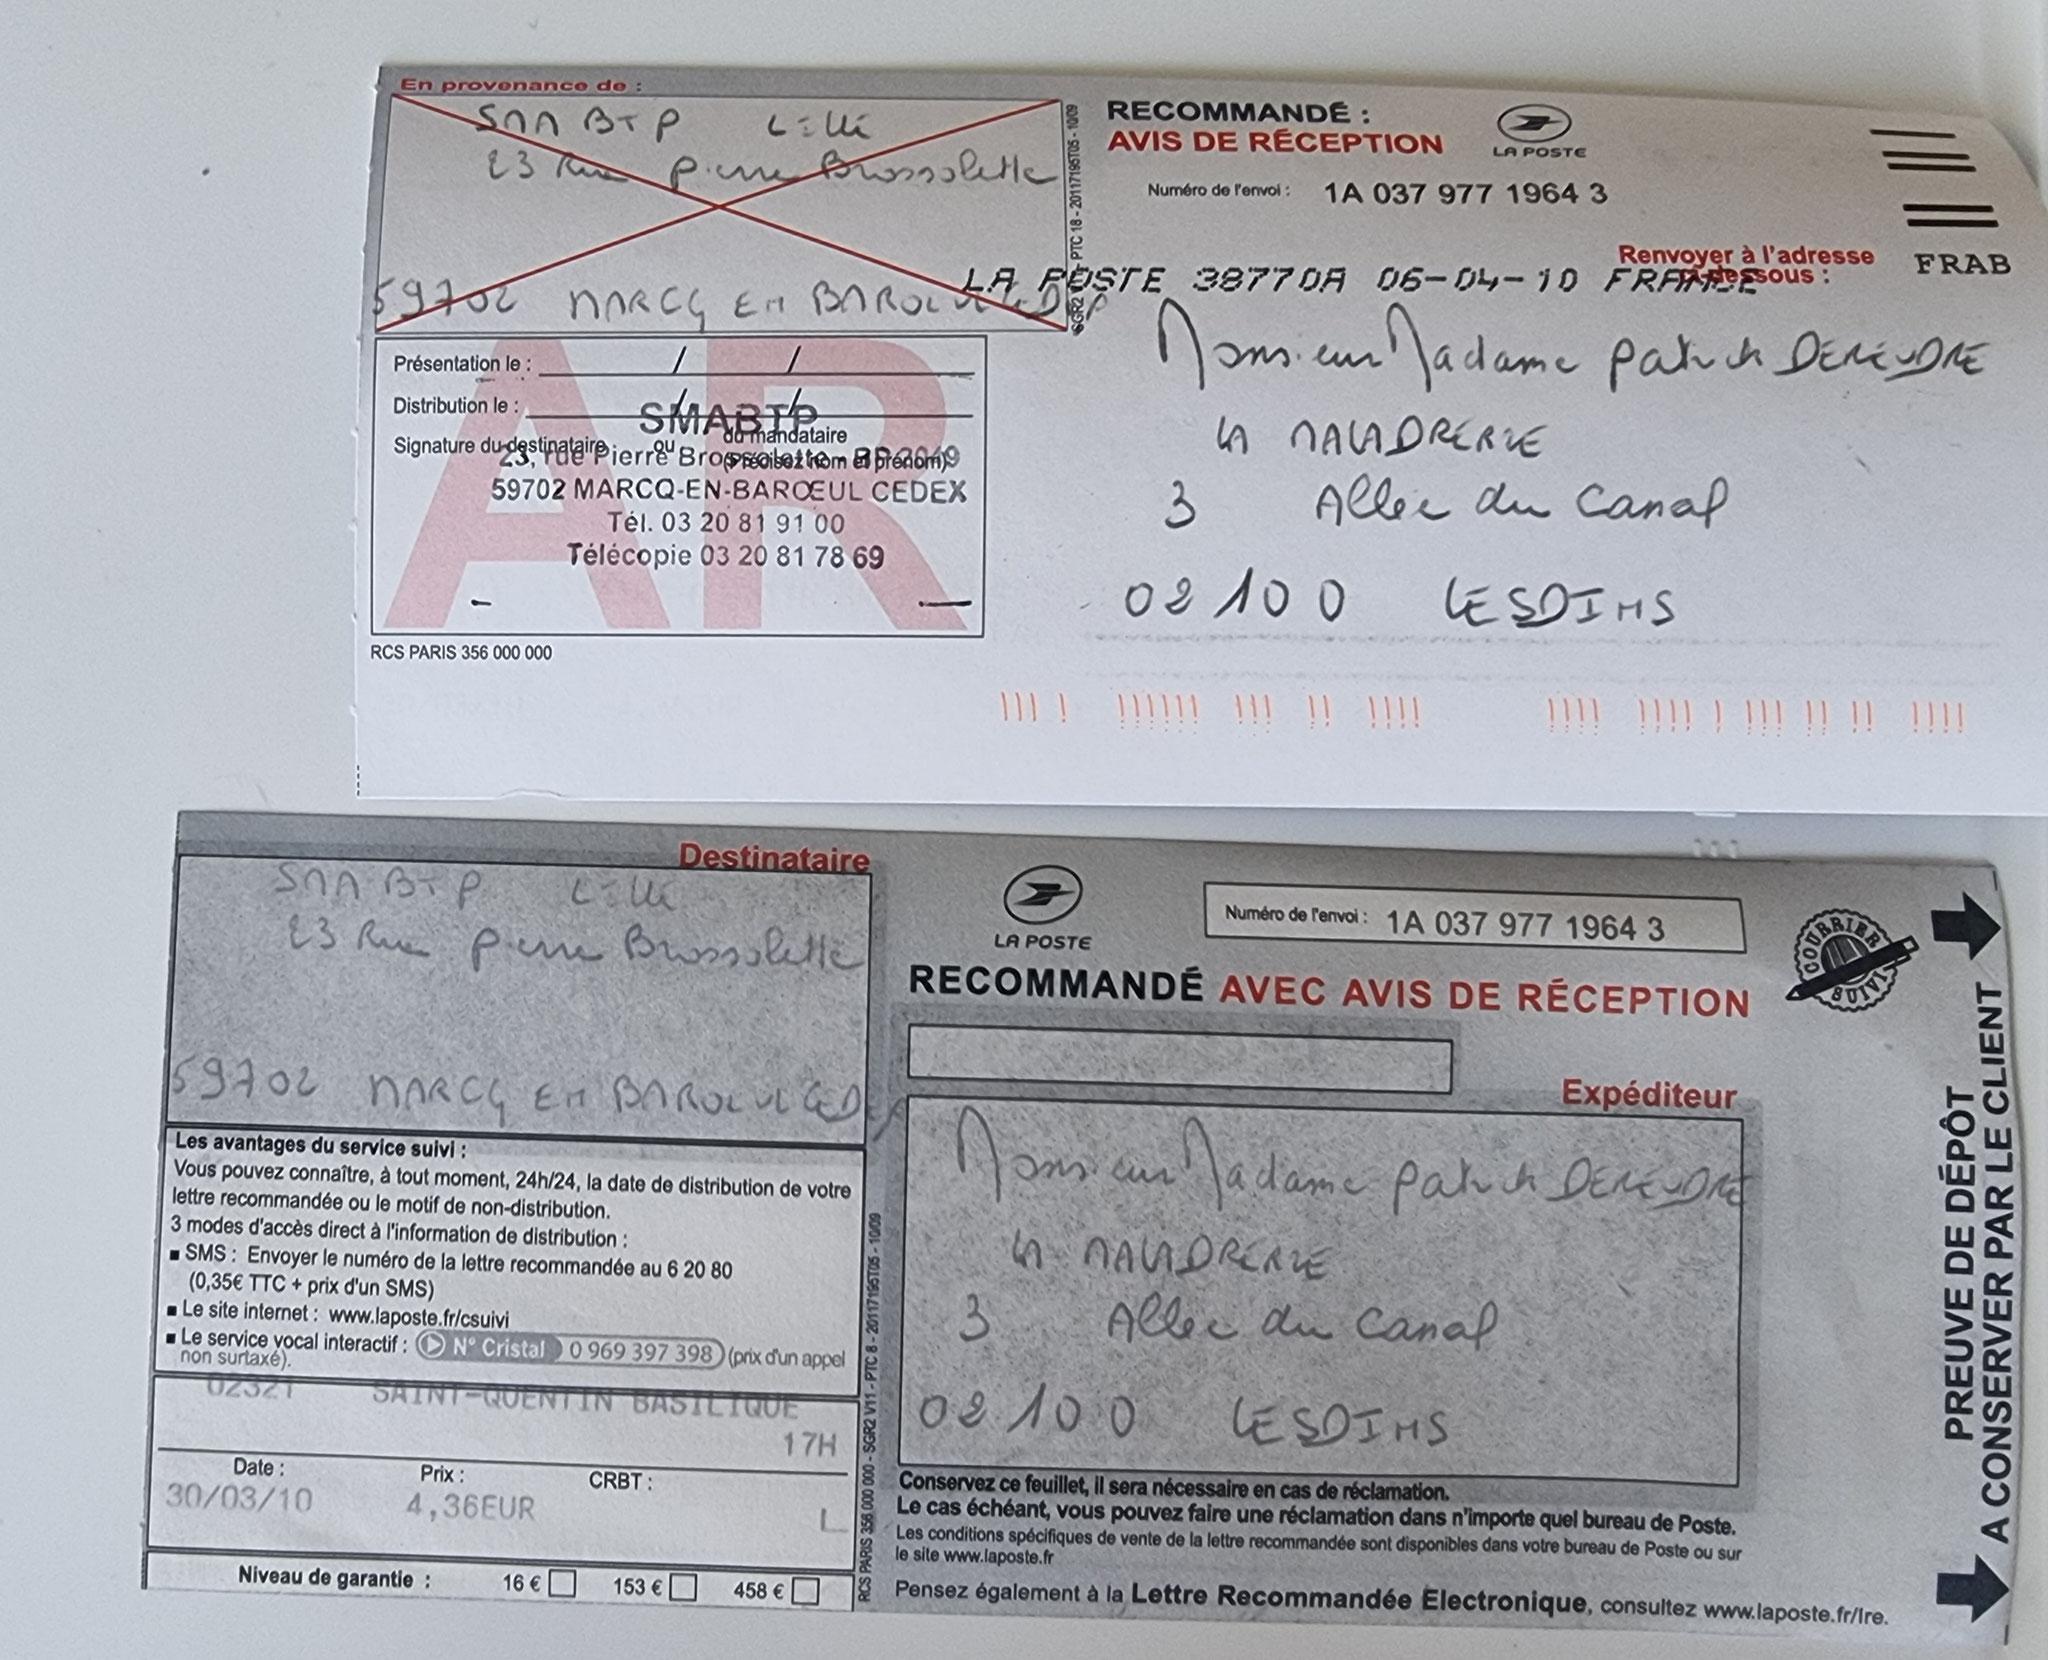 Le 30 Mars 2010 j'adresse une LRAR à la SMABTP à Marcq-En-Baroeul la dommage  LE BATISSEUR  BORDERLINE EXPERTISES JUDICIAIRES ENTRE COPAINS www.jesuispatrick.fr